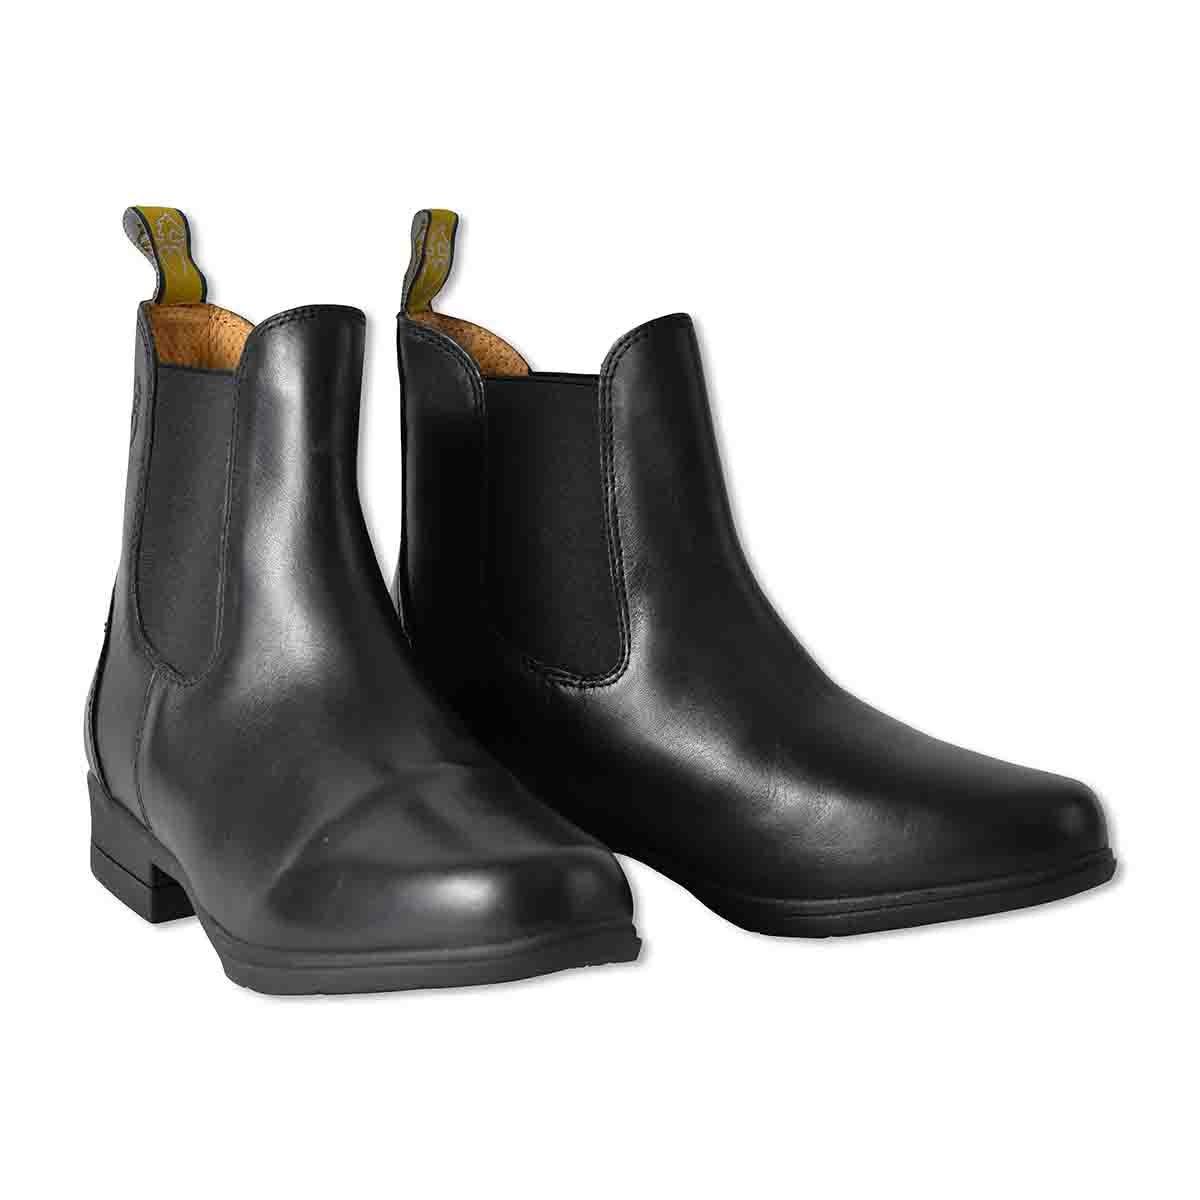 乗馬用品 MORETTA ルッキア 本革 ライディング ショートブーツ ブラック 乗馬 馬具 ブラック UK2